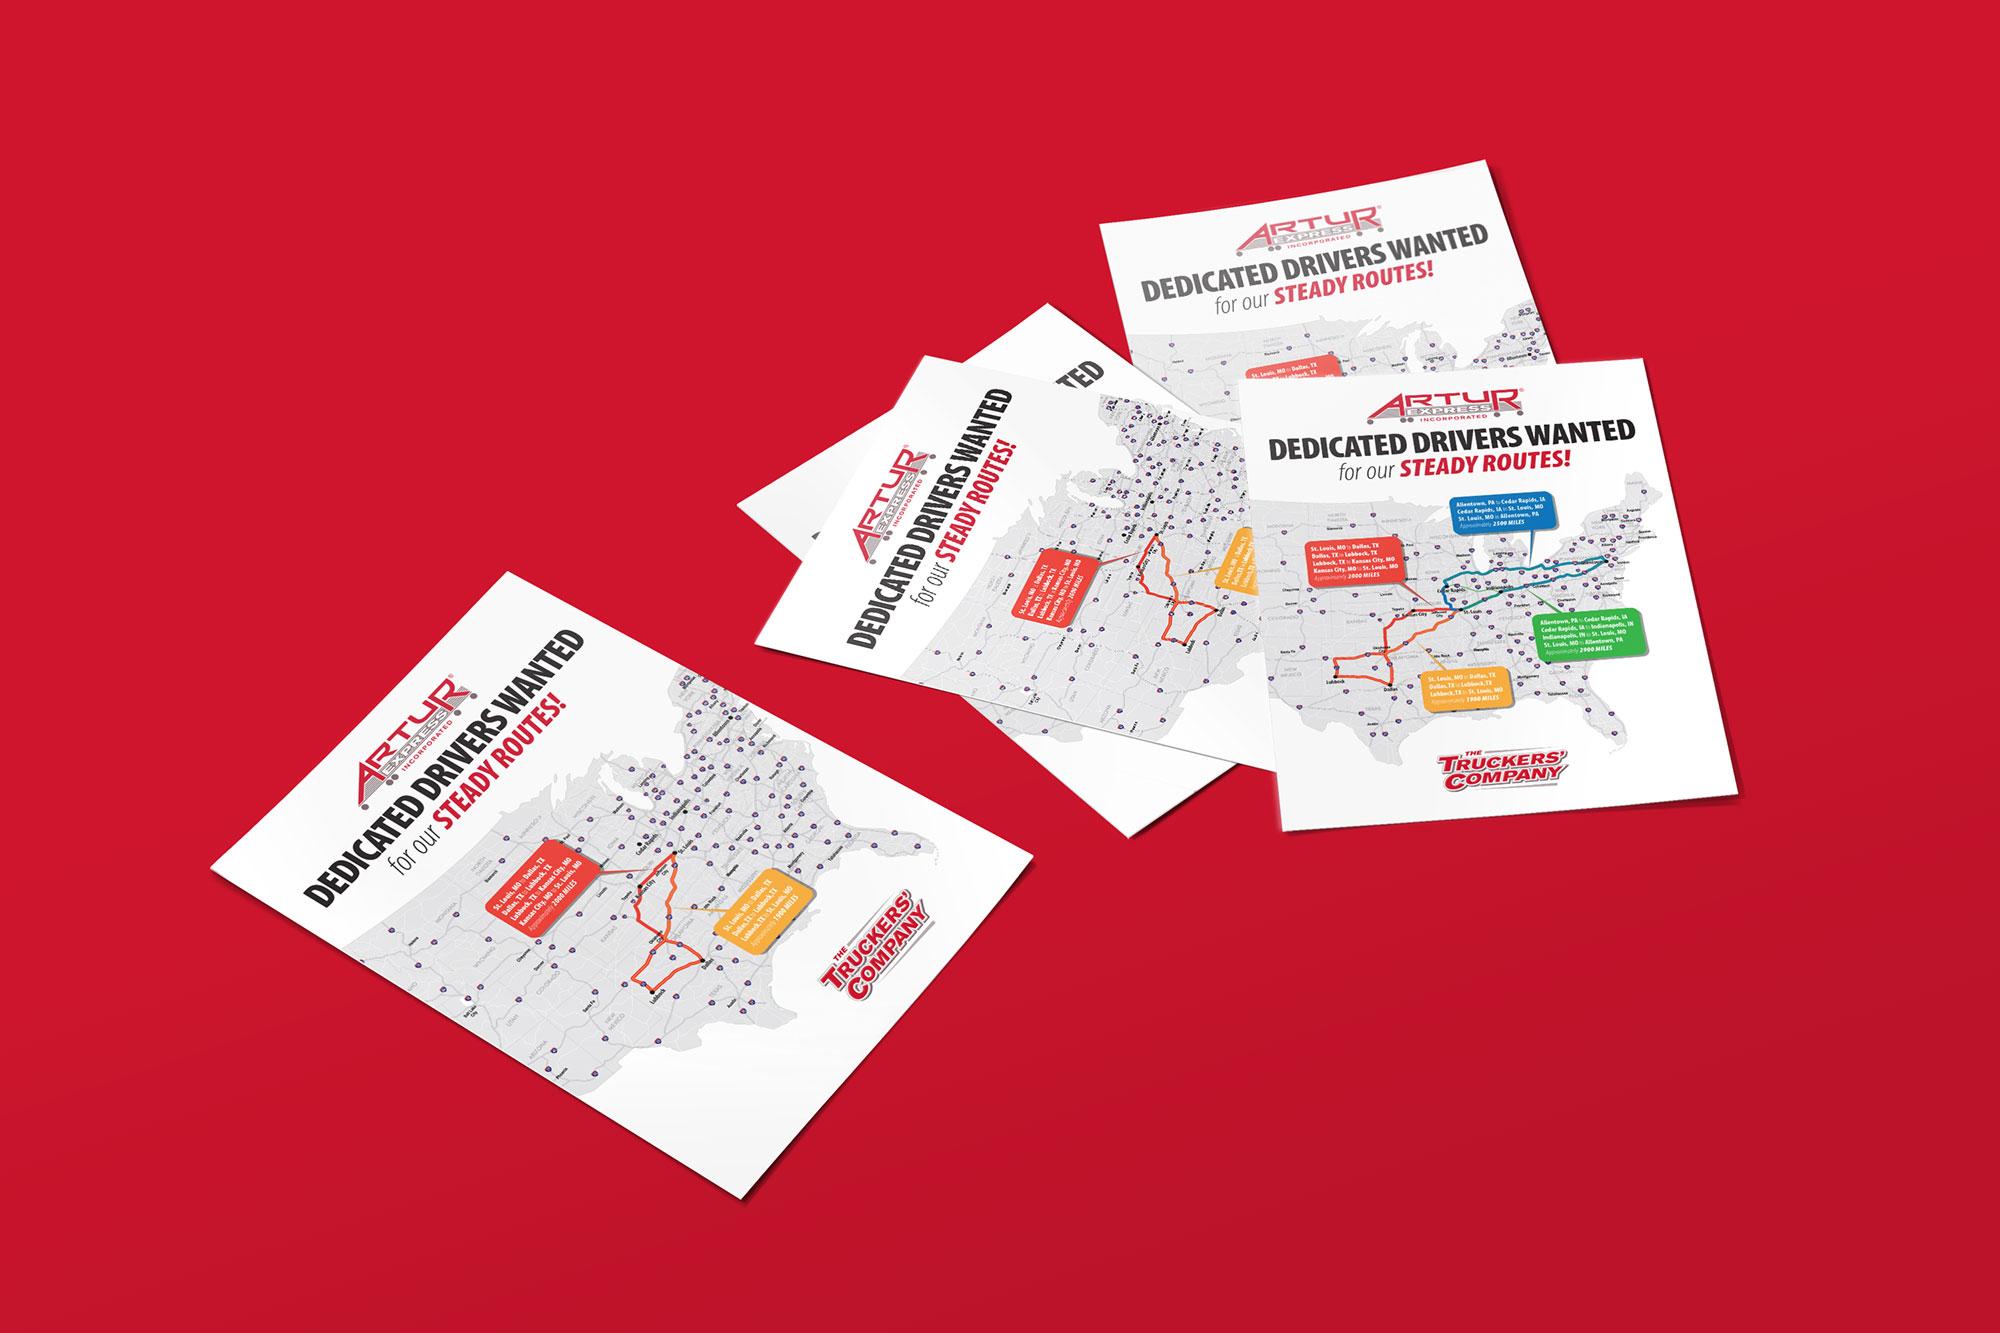 Artur route flyer designs